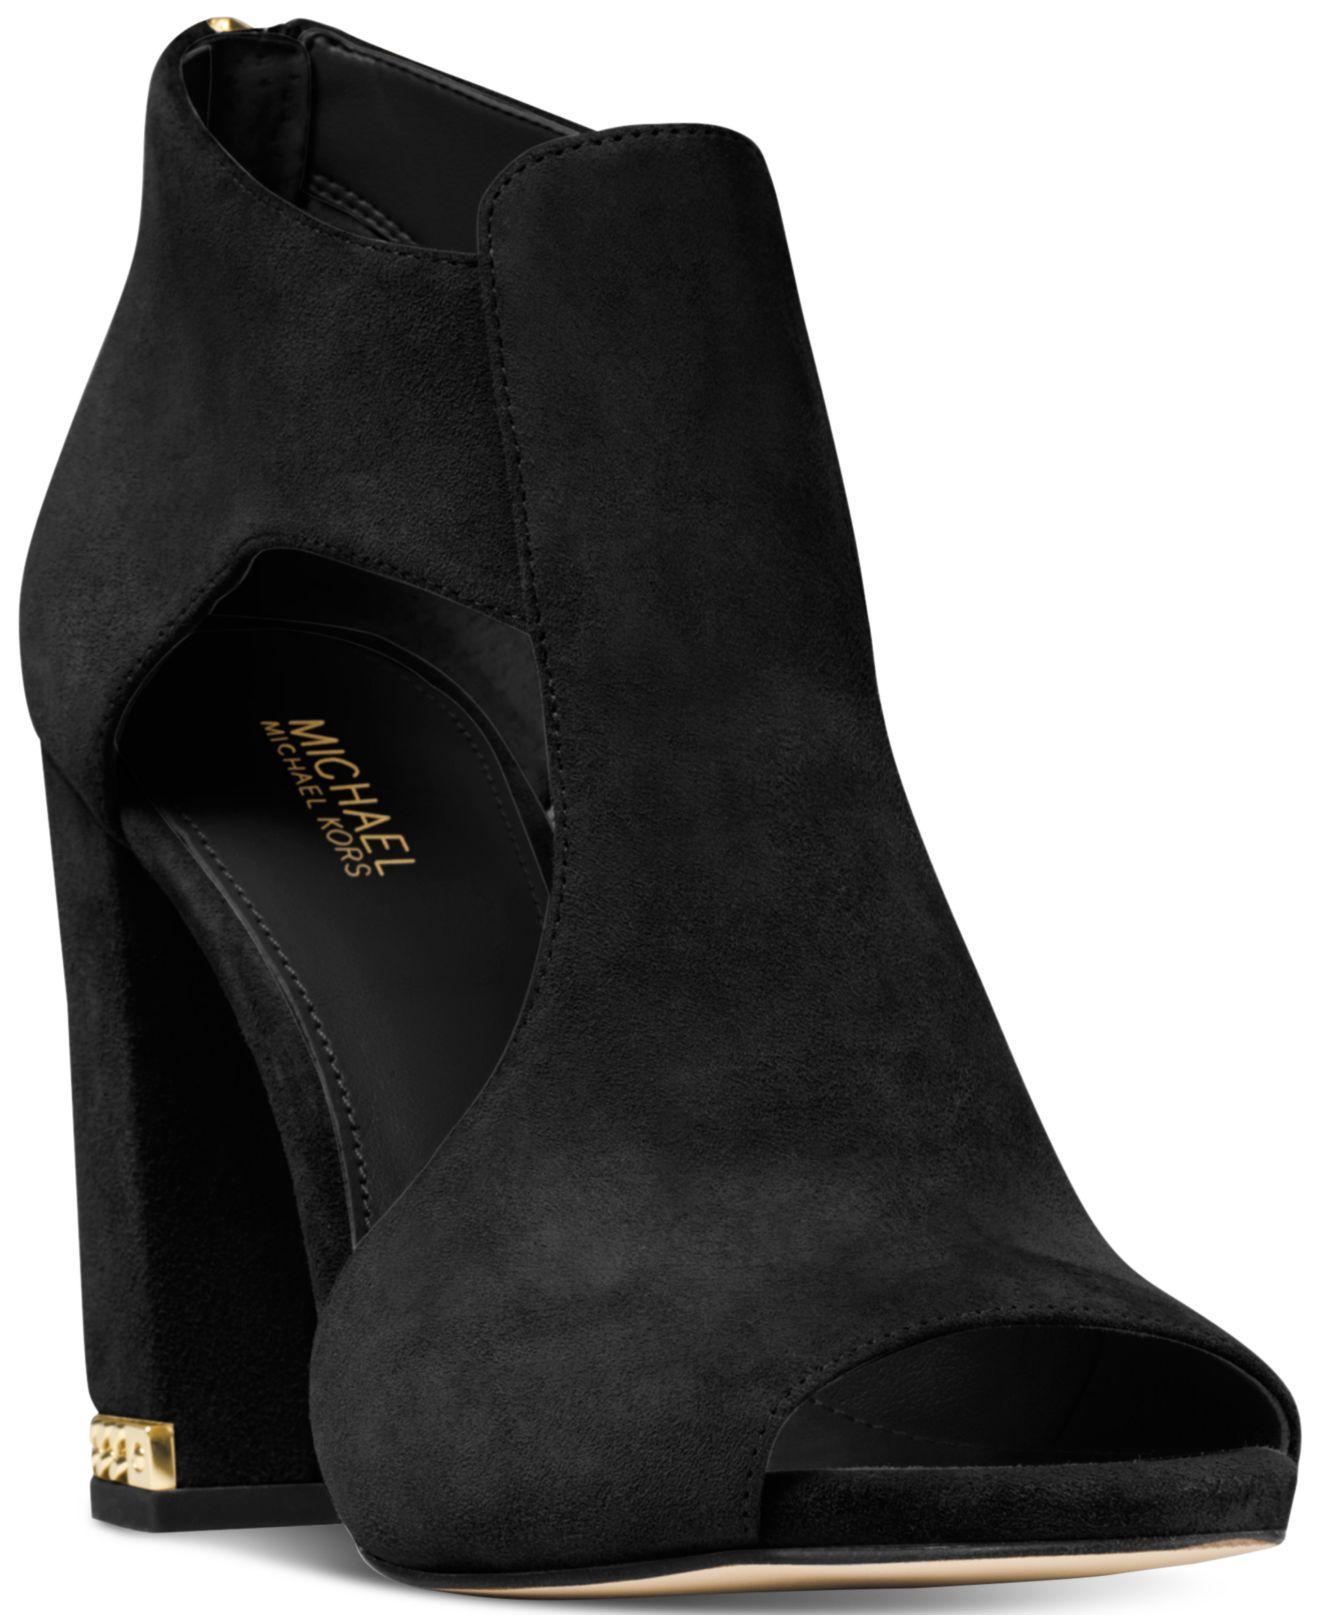 Michael Kors Peep Toe Shoes